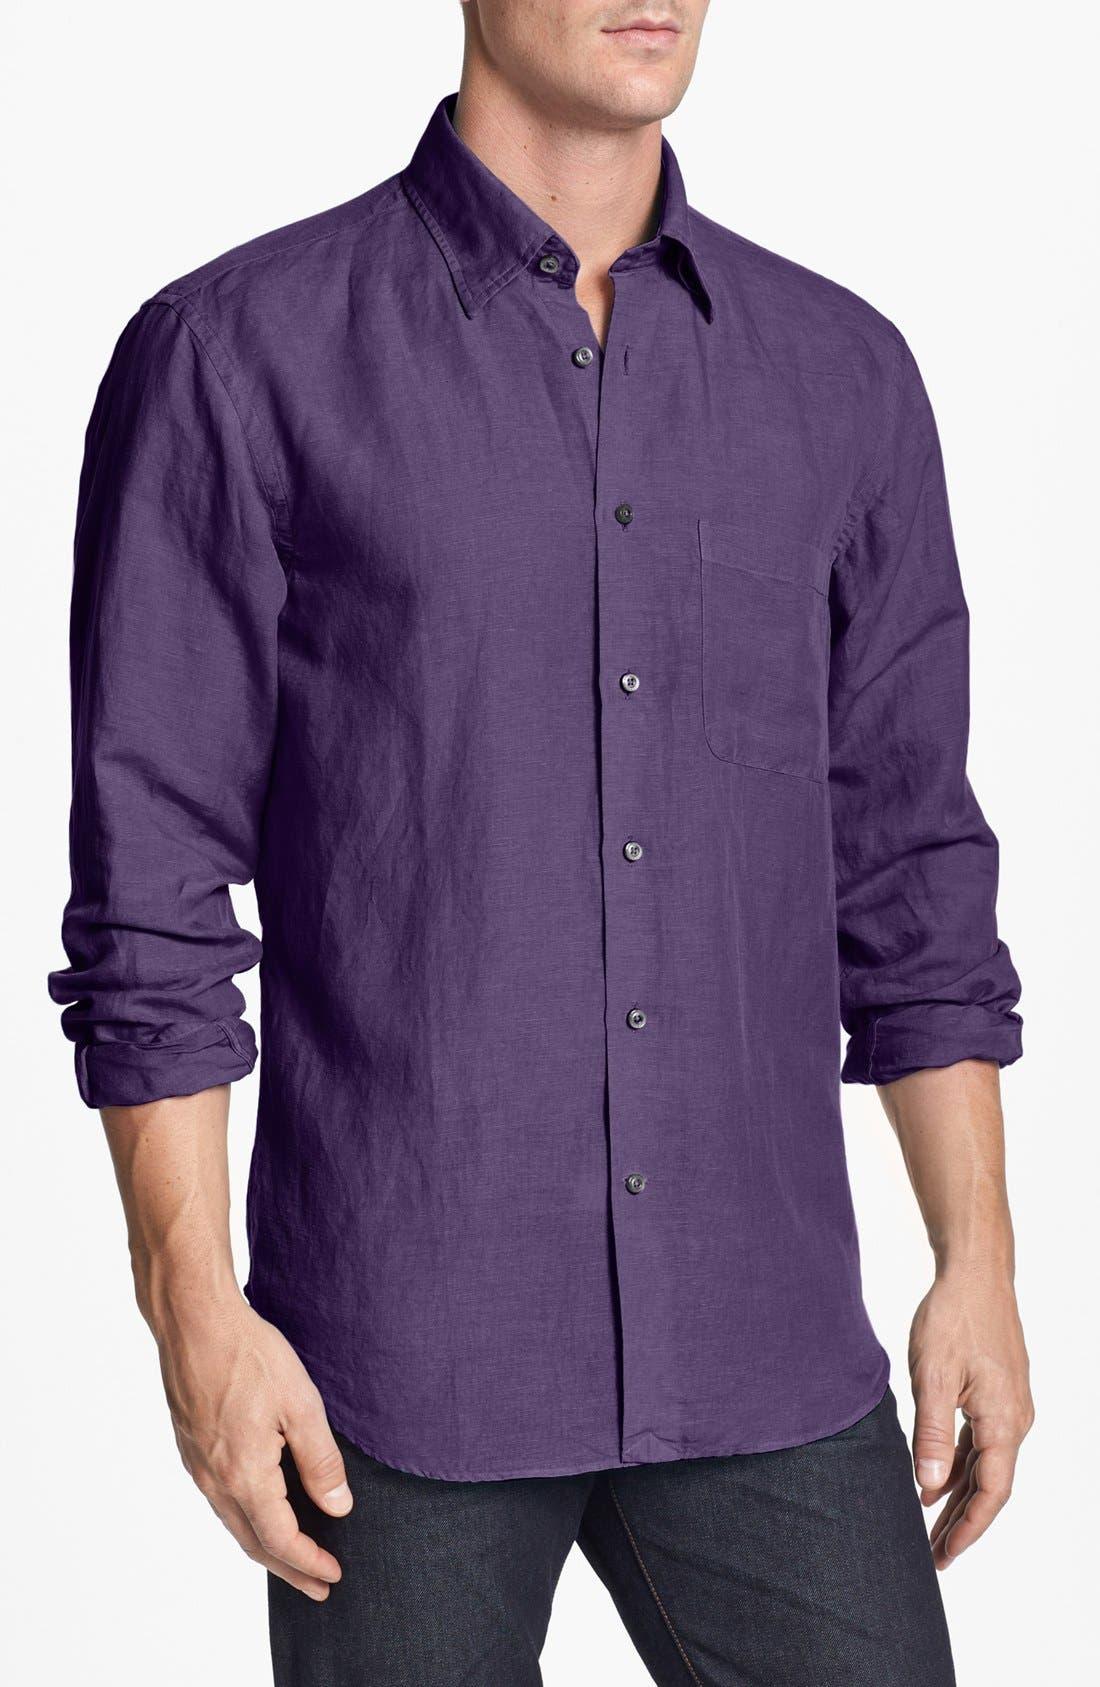 Main Image - Robert Talbott Linen Blend Sport Shirt